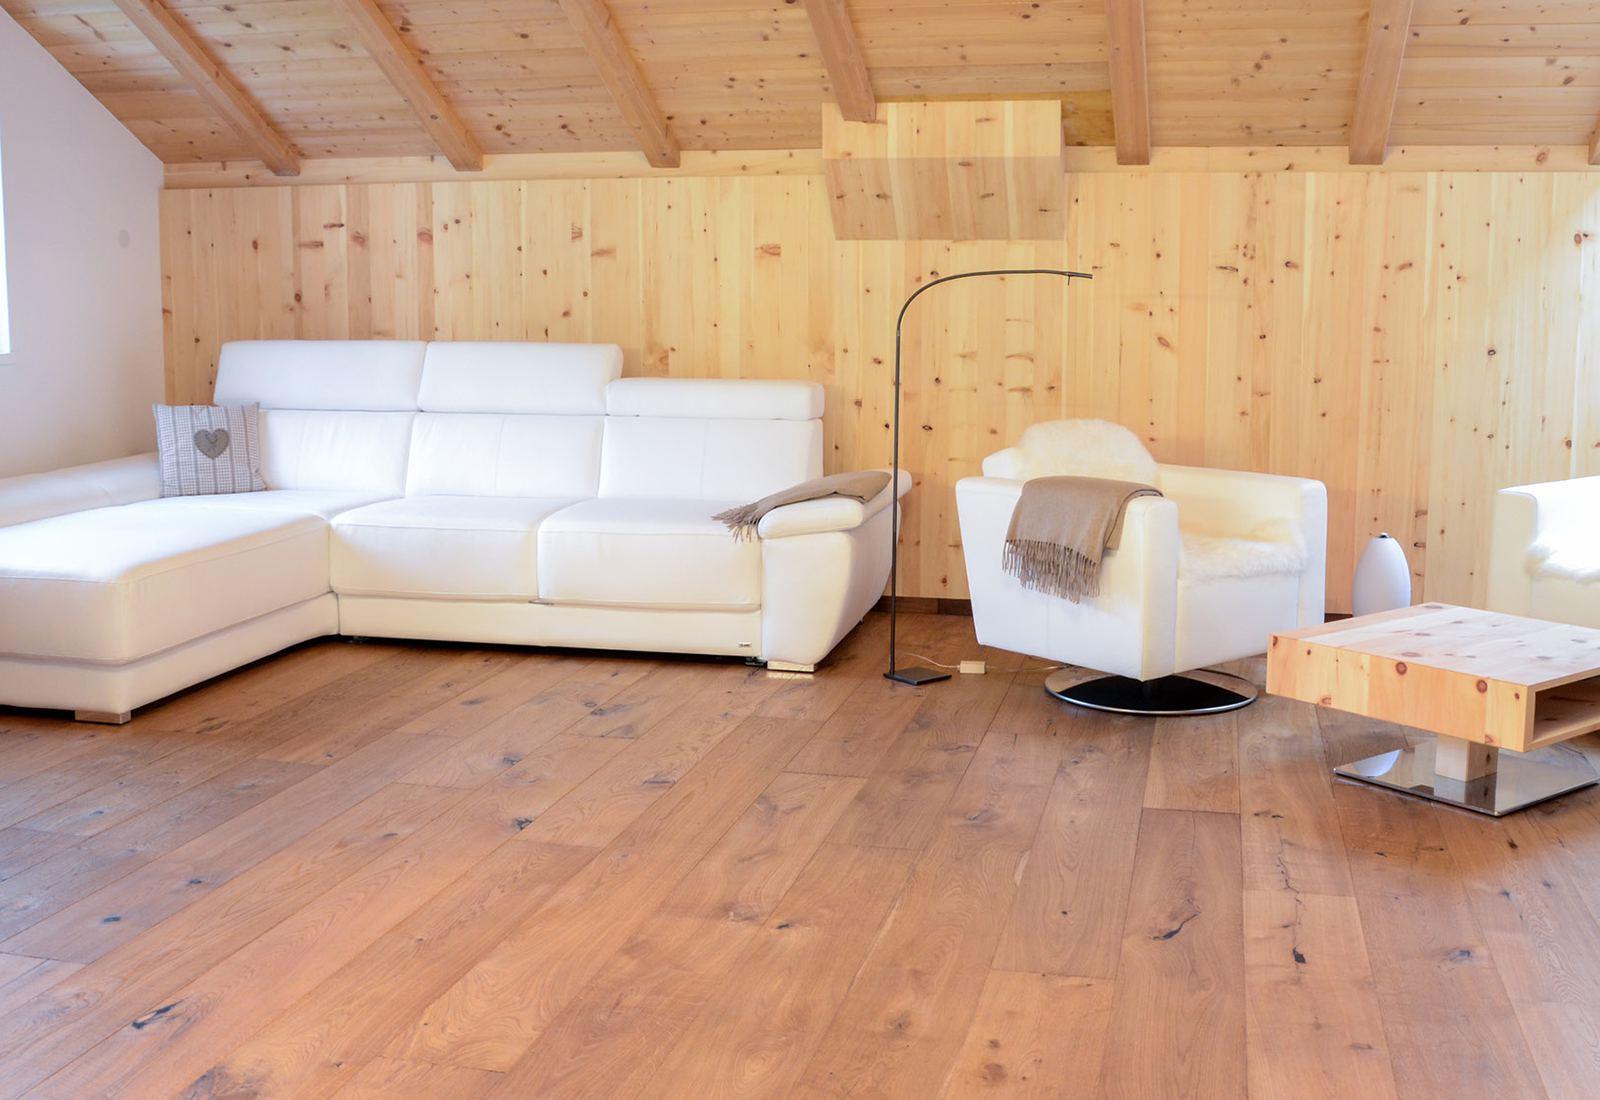 Tolle schlafzimmer mit dachschrage ausfuhrung - Wohnzimmer dachschrage ...